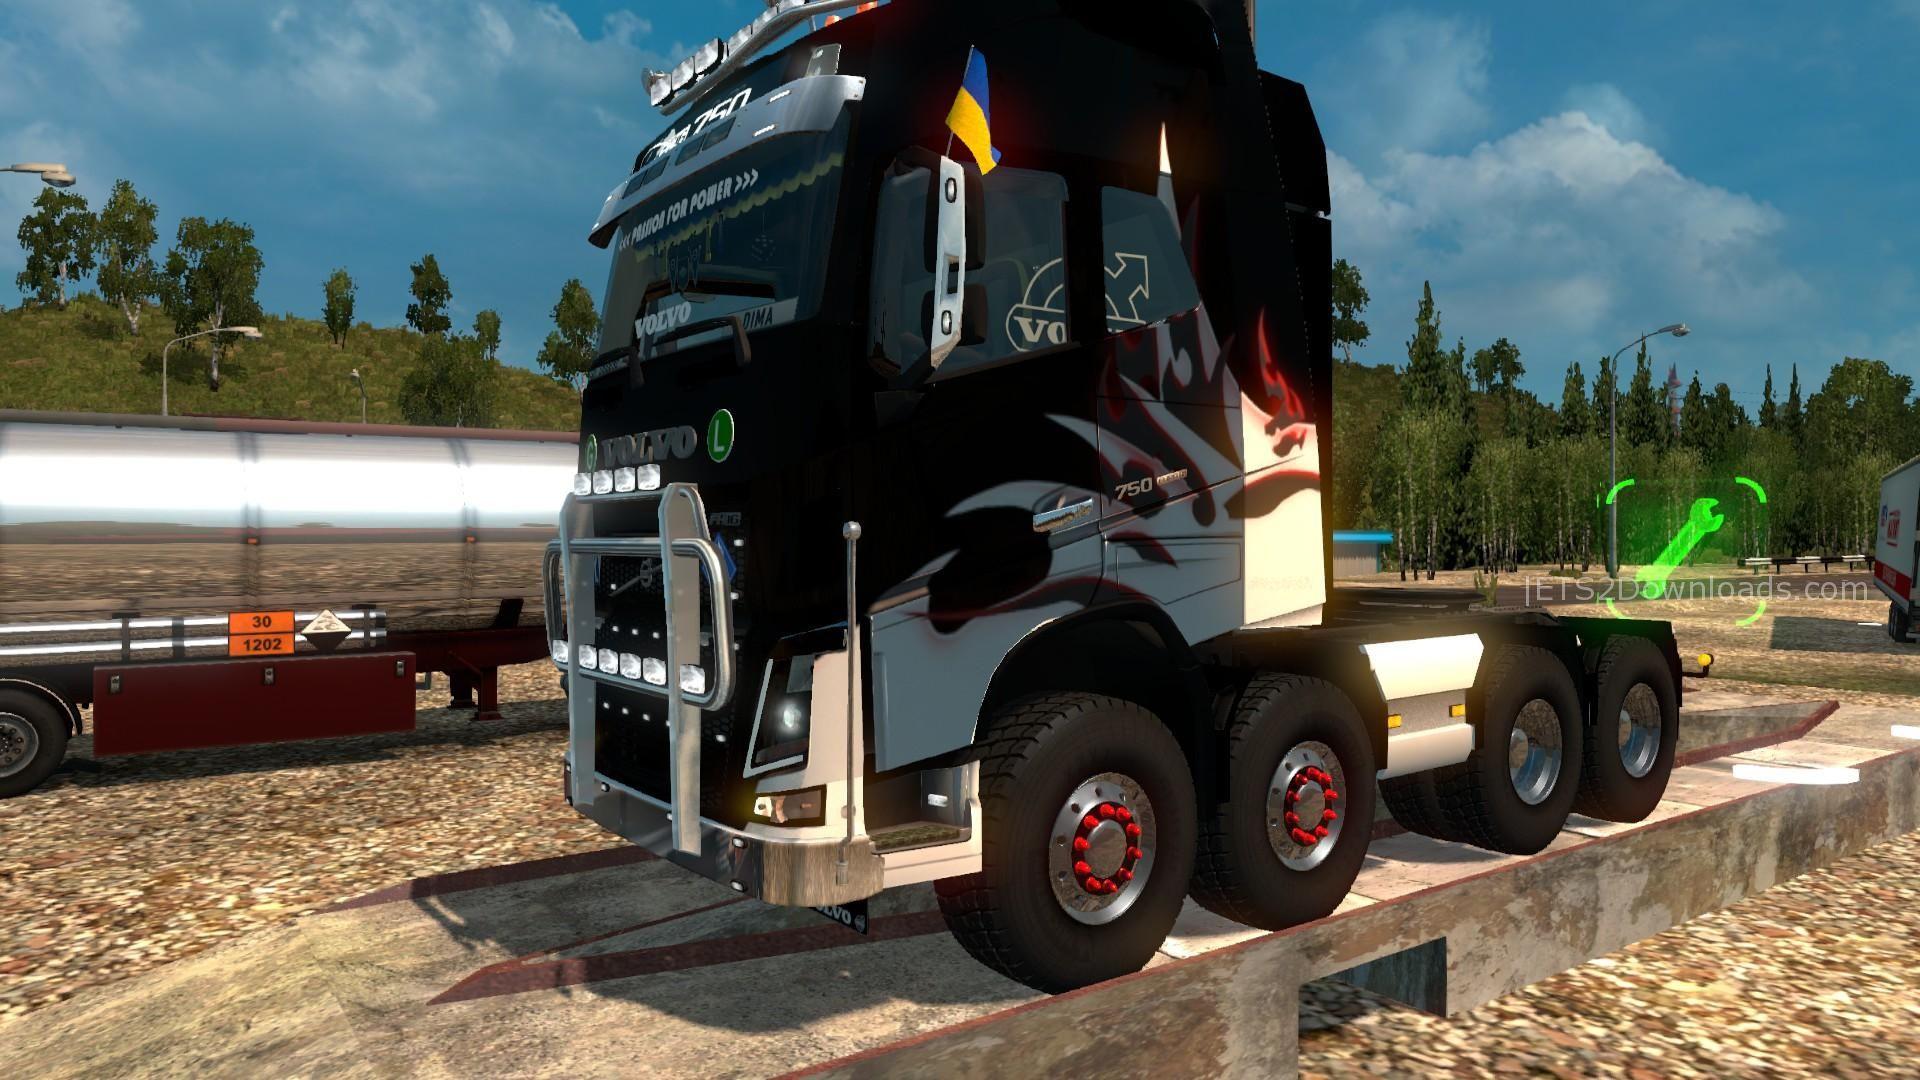 volvo-fh16-2012-monstrik-8x8-1